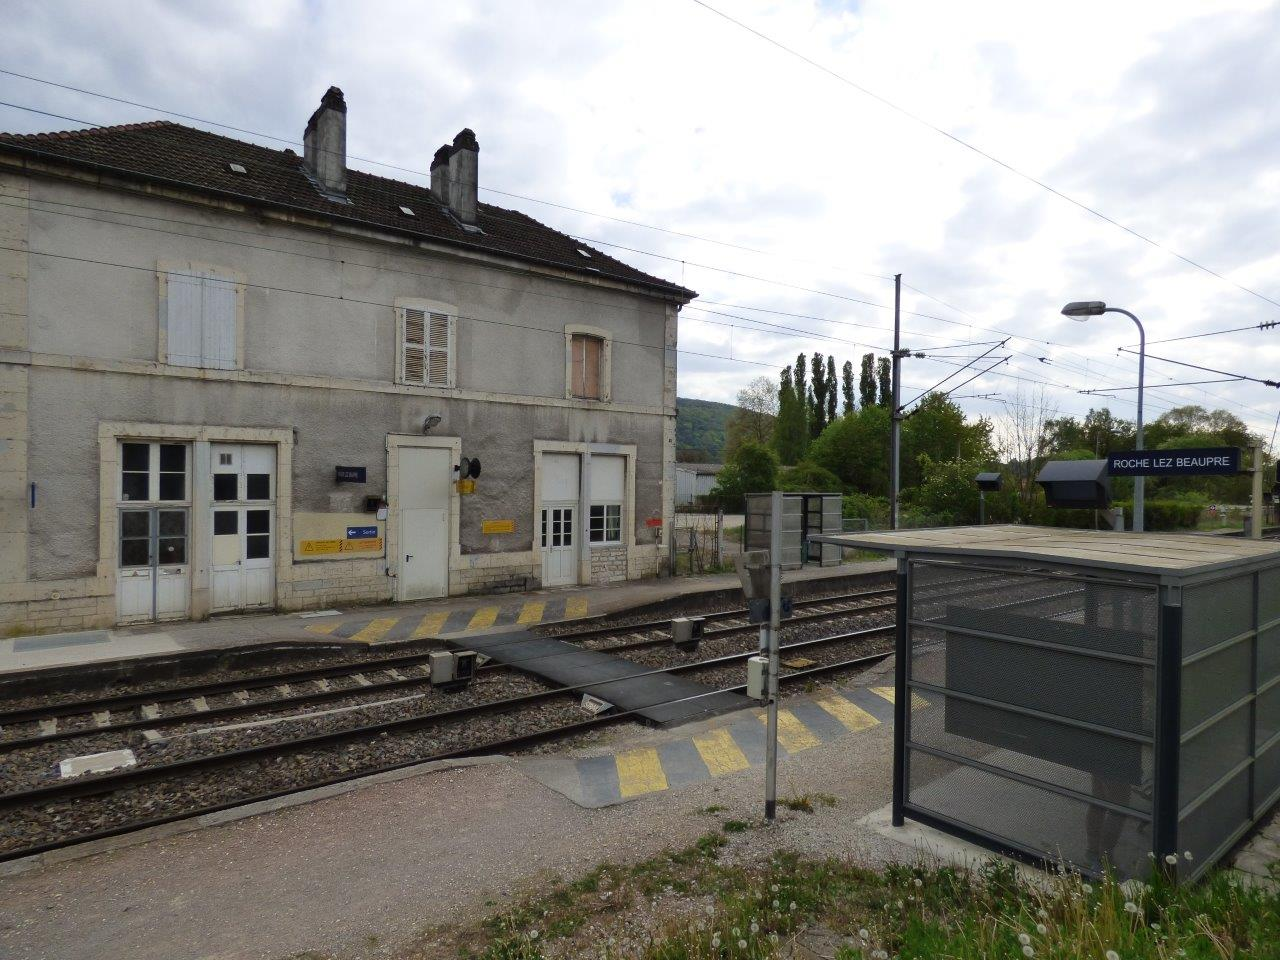 gare-de-roche-lez-beaupre-train-station